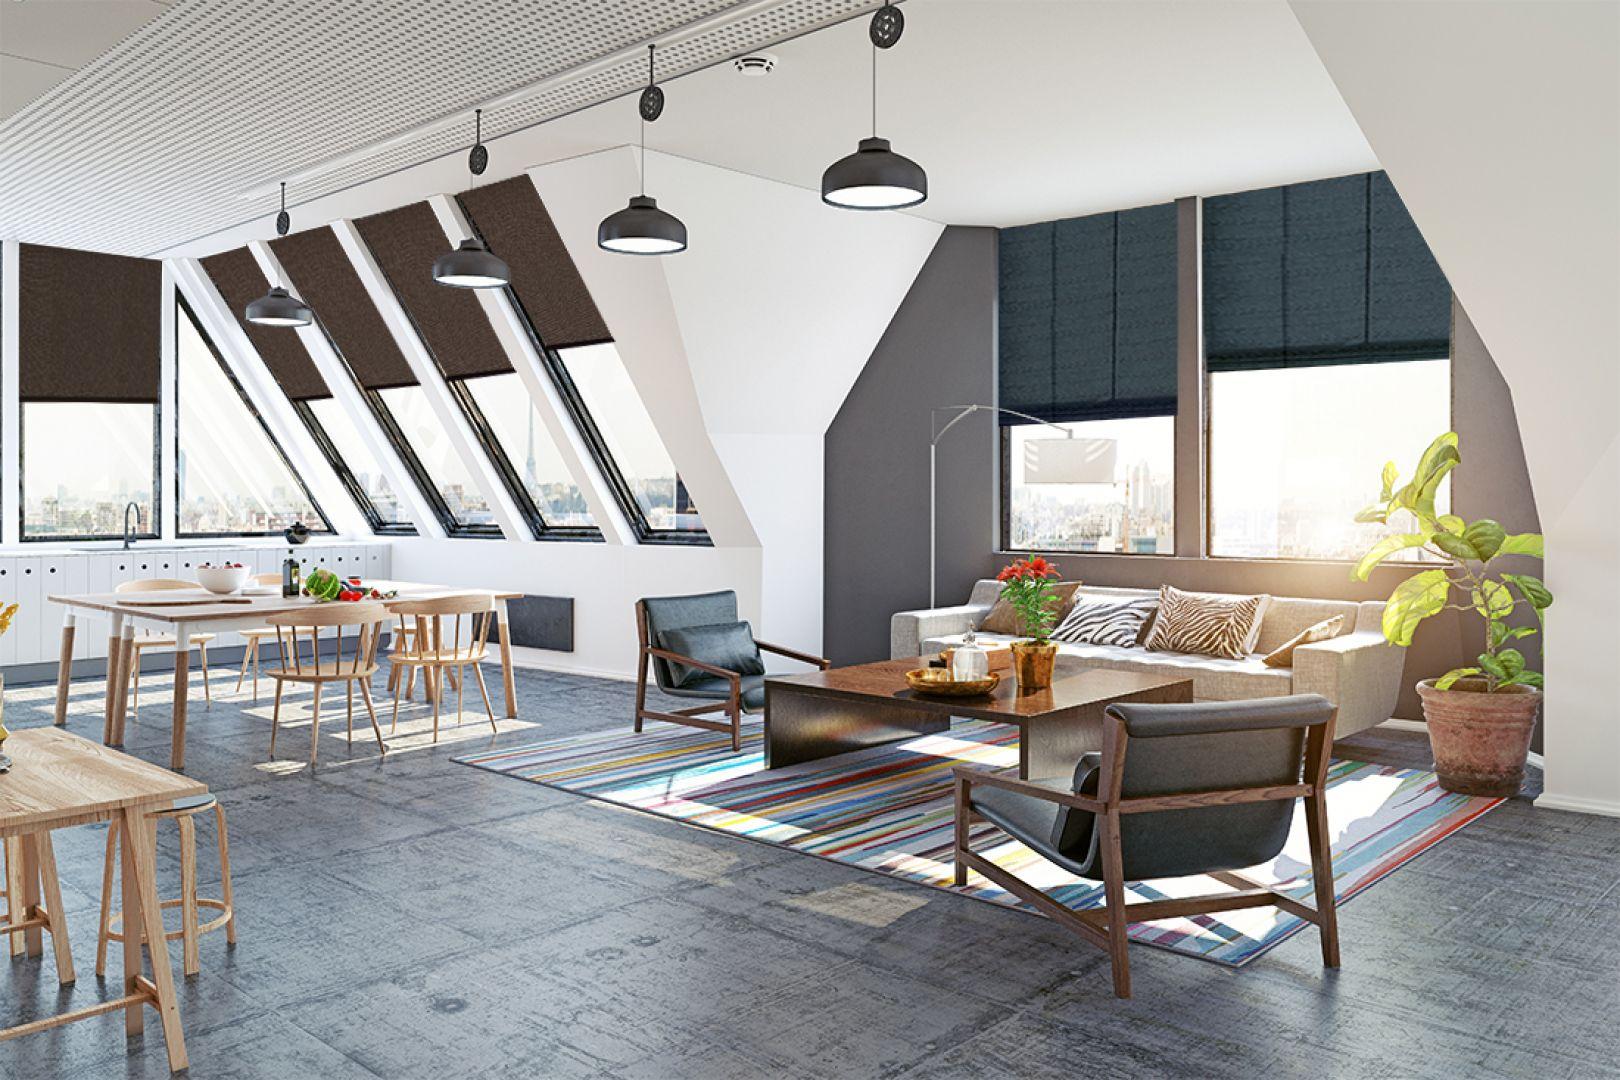 Dobór odpowiedniego systemu zasłaniającego zależy od wielkości okna, wysokości, na jakiej jest położone, producenta oraz od stopnia nachylenia połaci dachu. Fot. Marcin Dekor